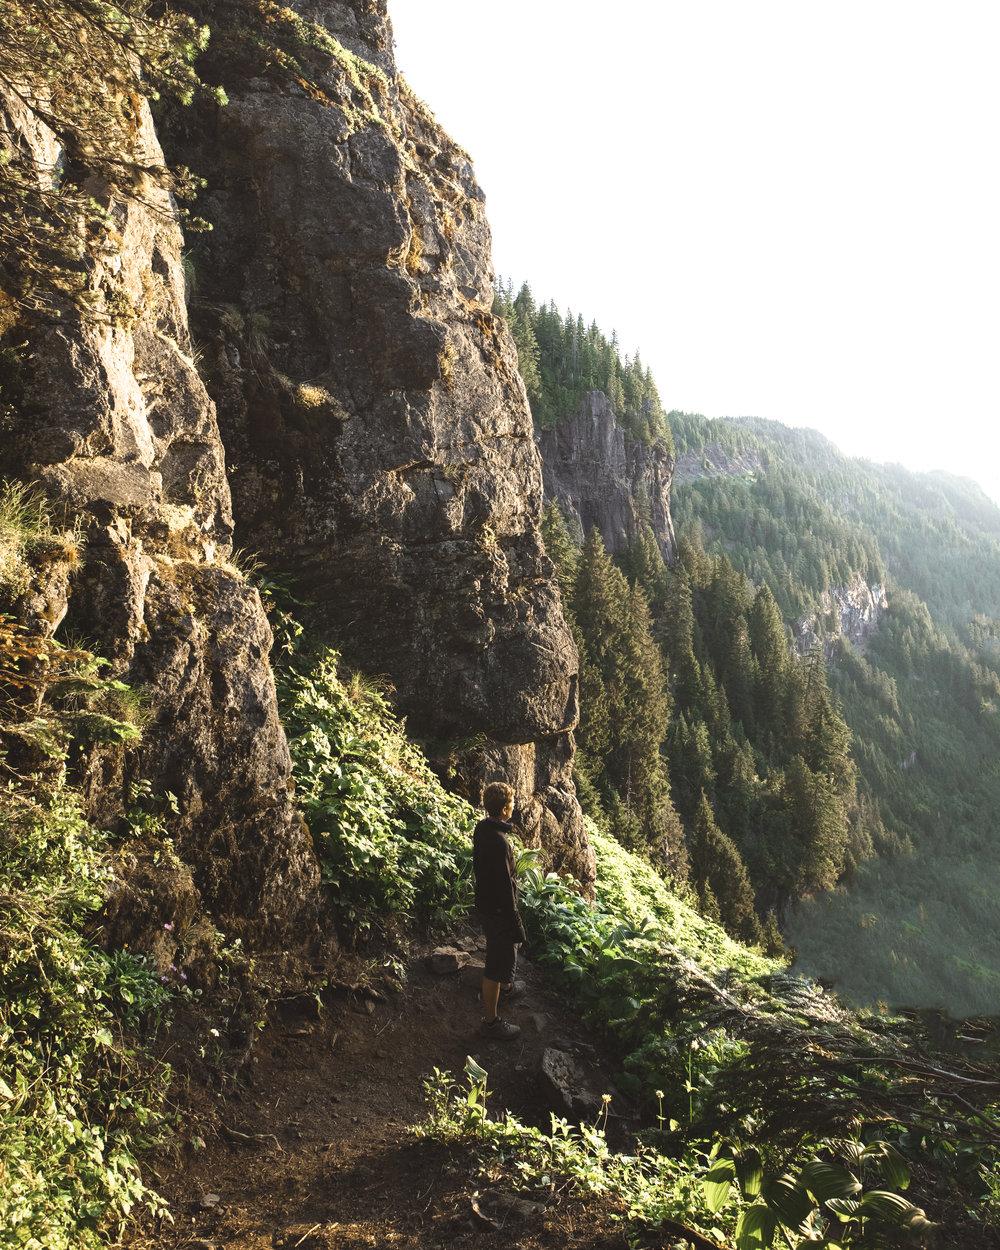 Tolmie peak hike-27.jpg